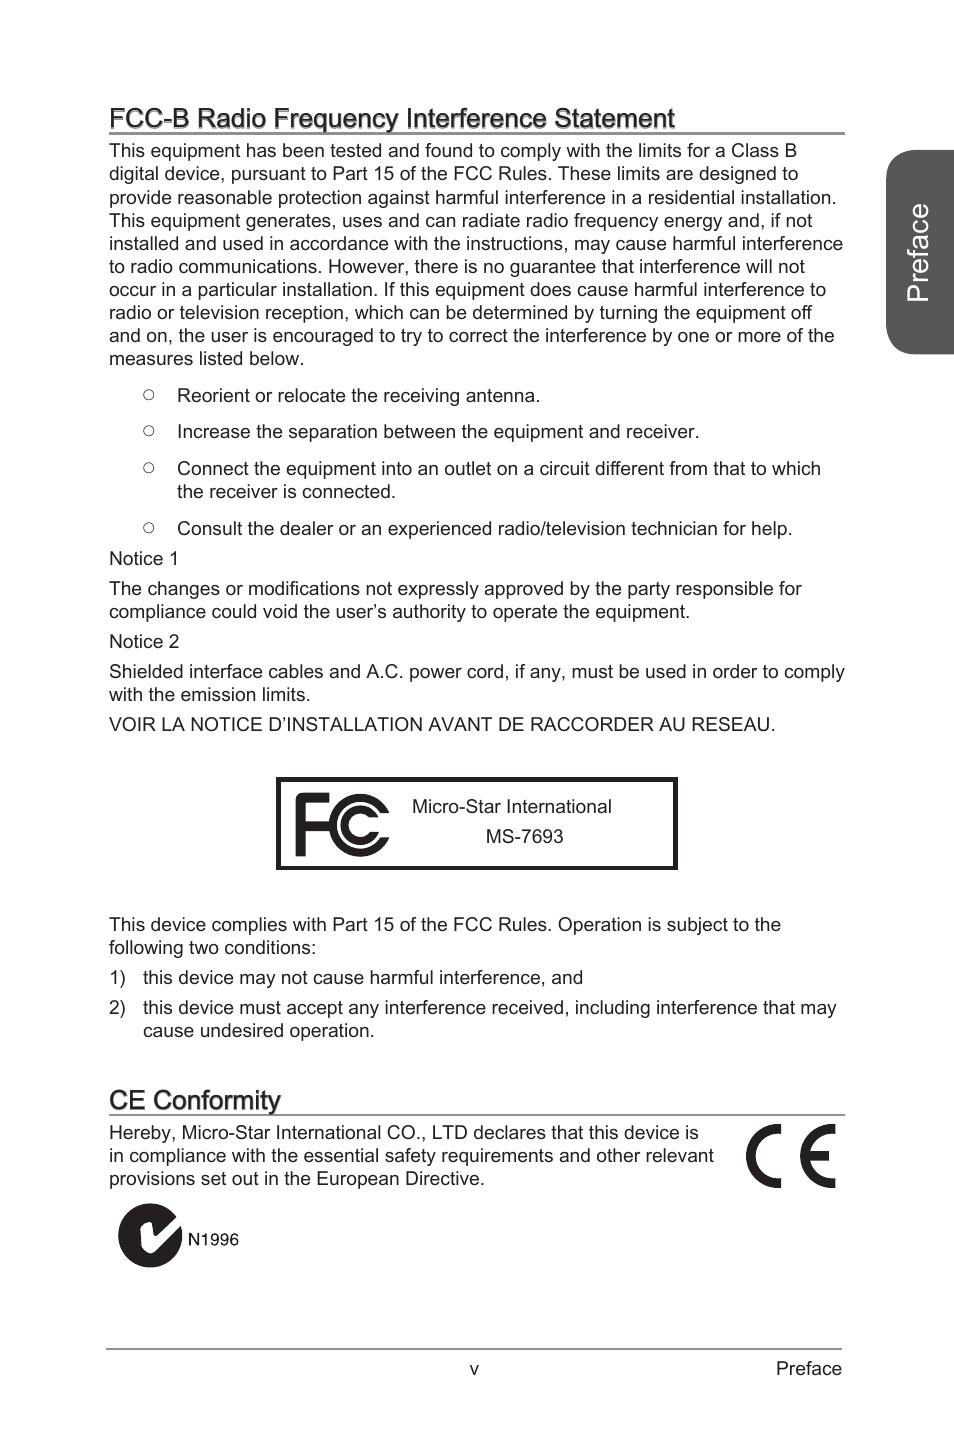 инструкция для freequency connect